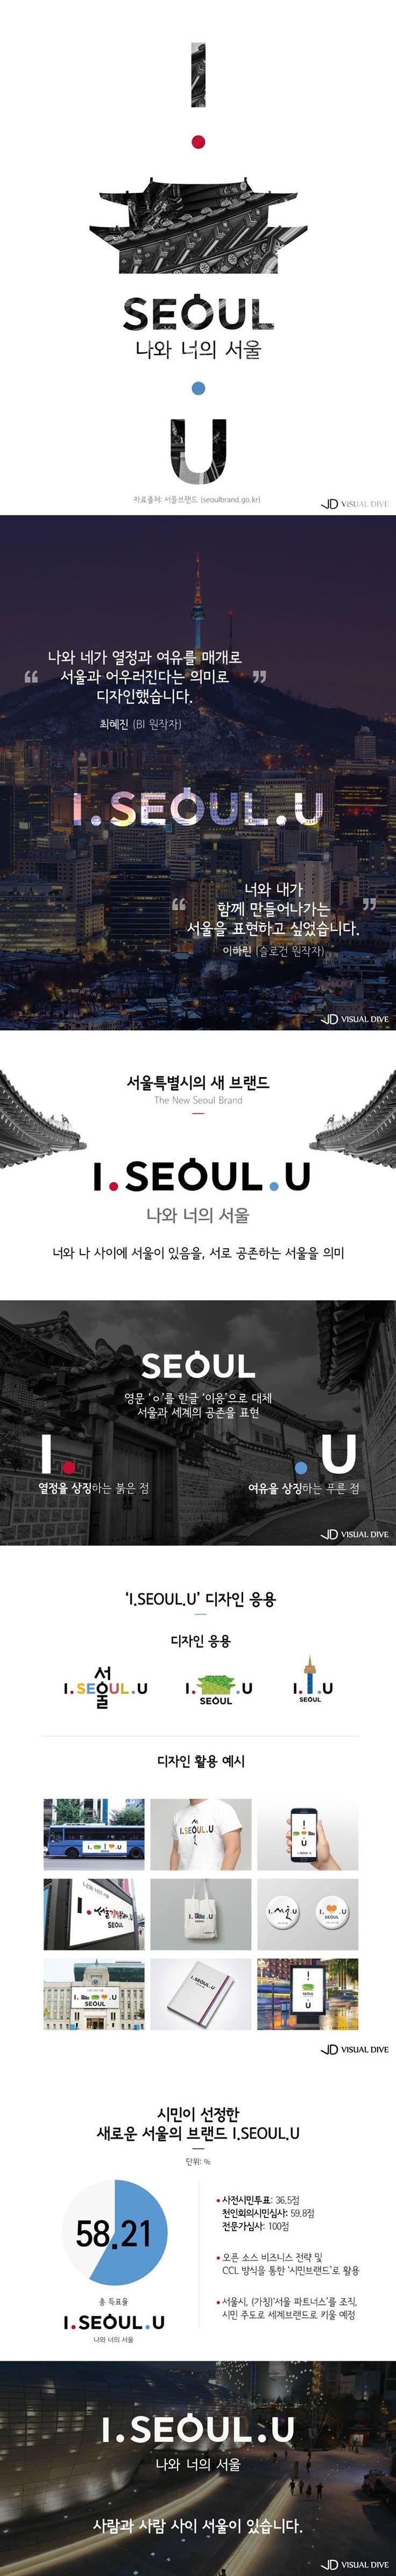 '재수없는' 수능을 위한 필수품 [카드뉴스]#Seoul / #Infographic ⓒ 비주얼다이브 무단 복사·전재·재배포 금지